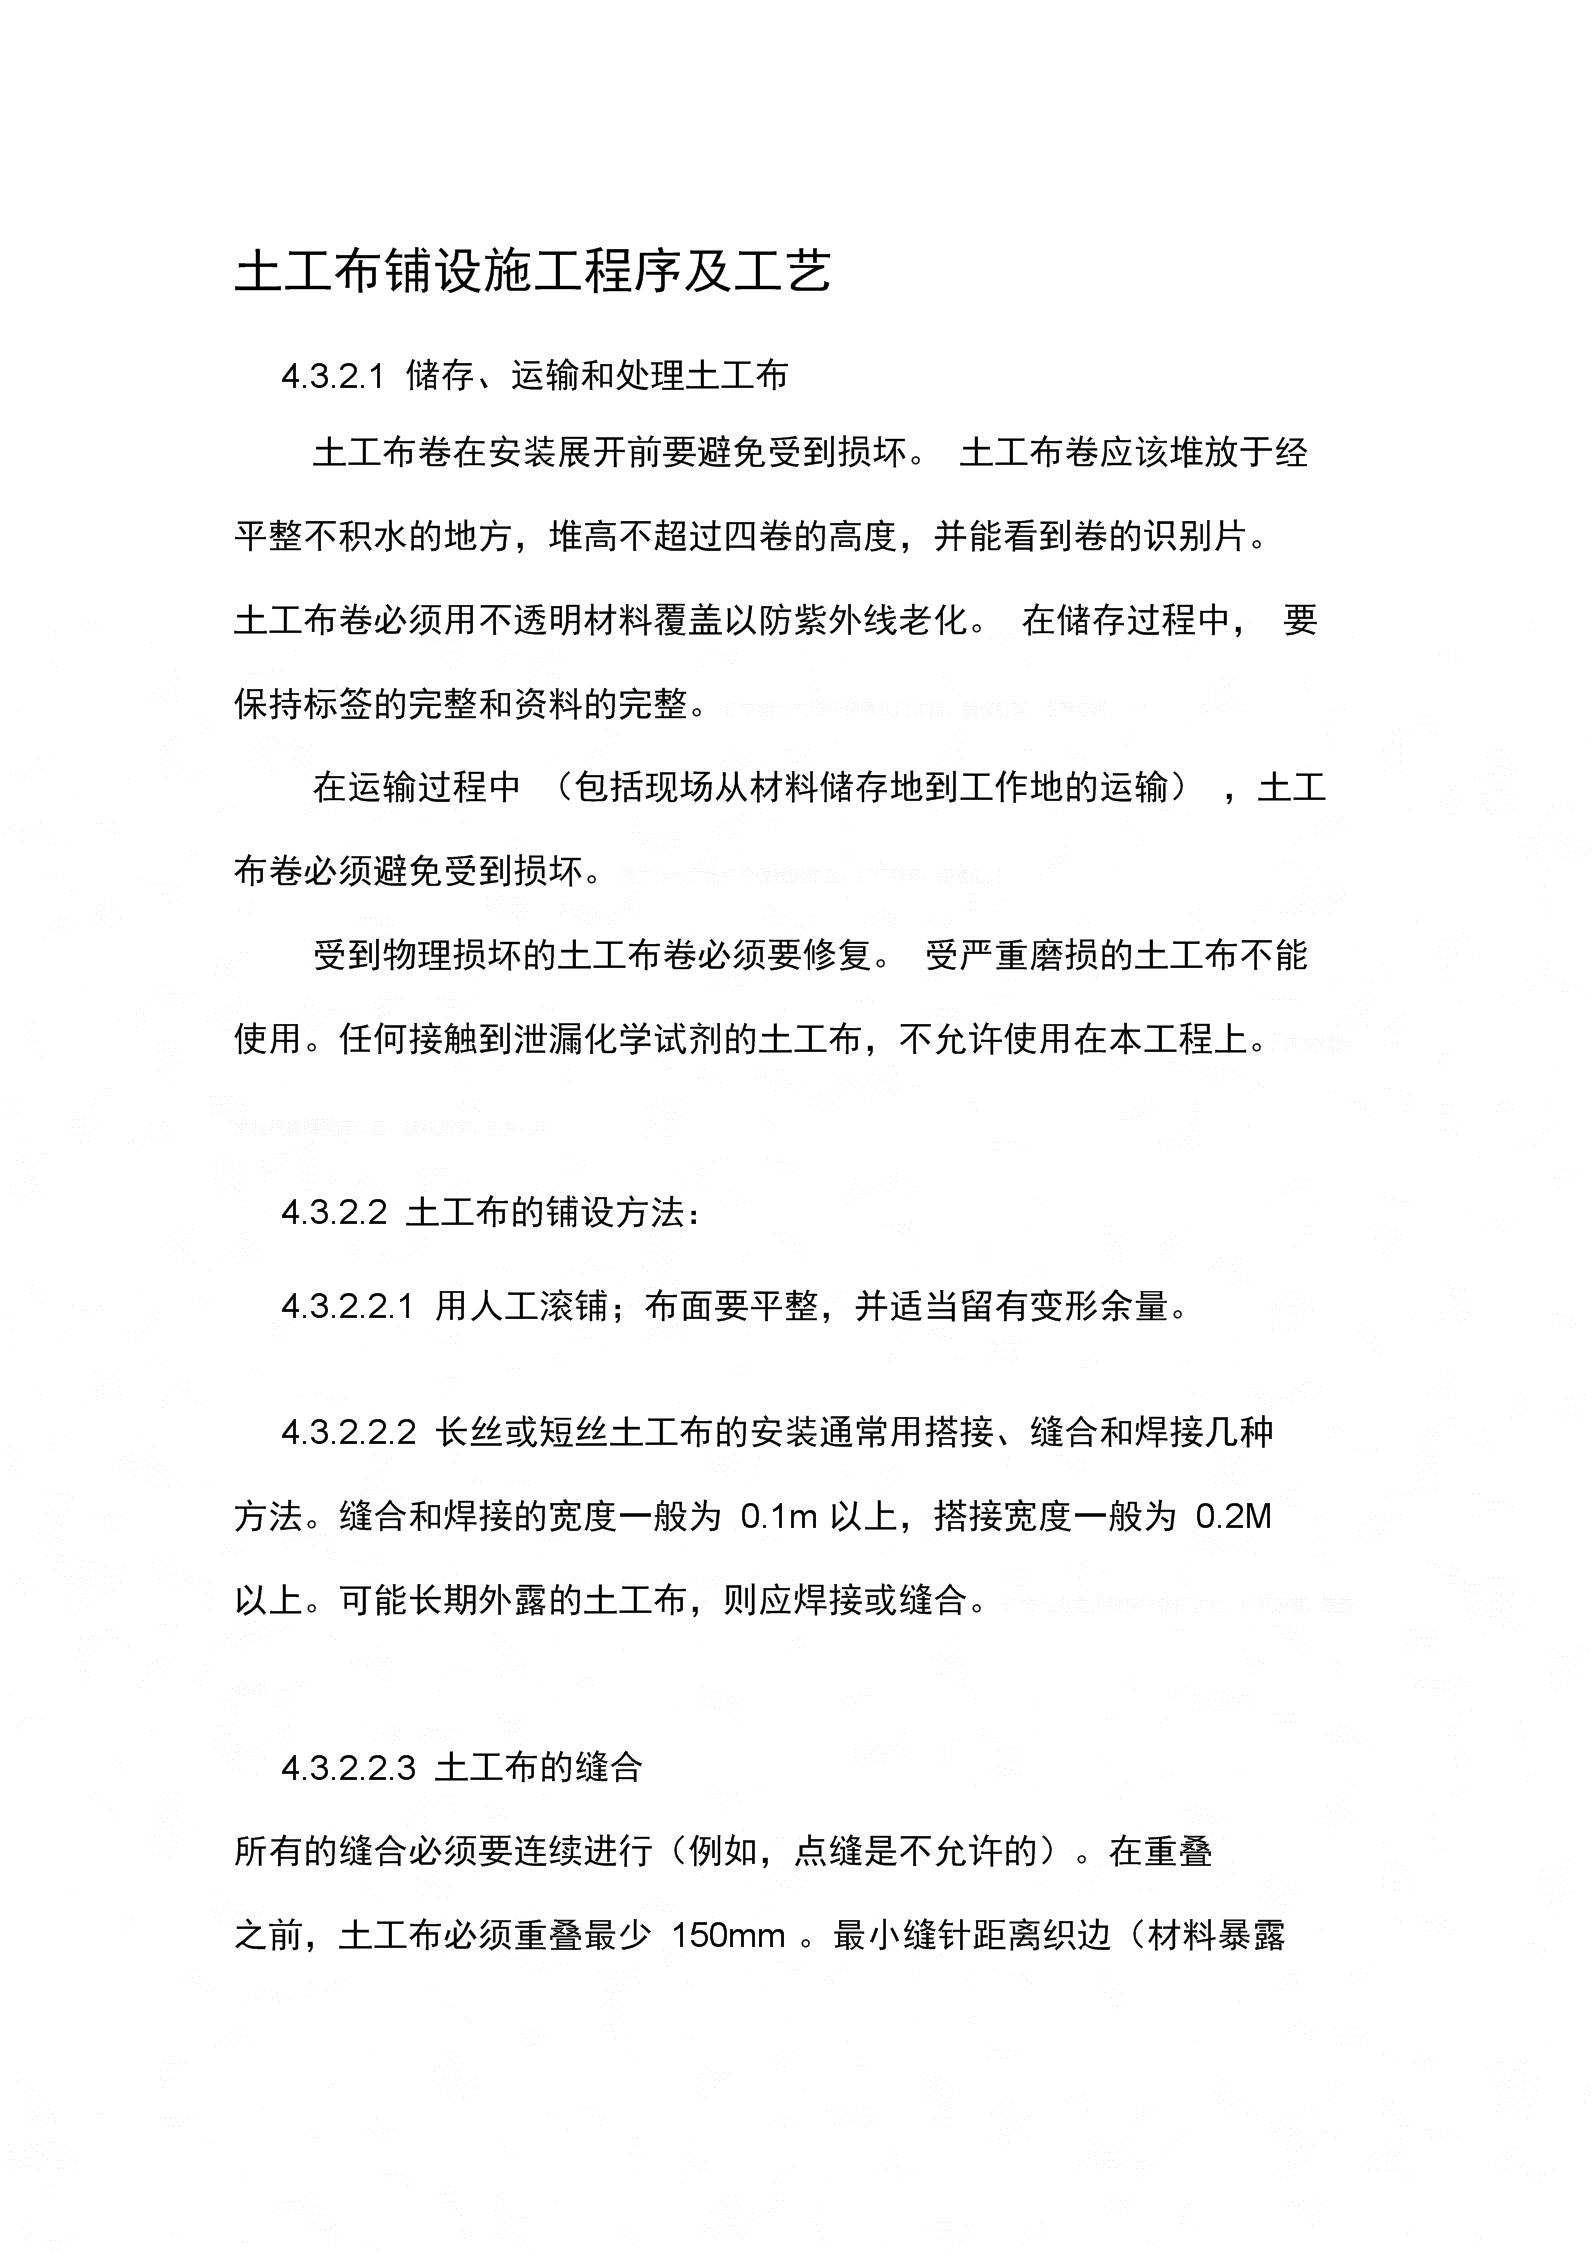 土工布铺设施工程序及工艺.docx